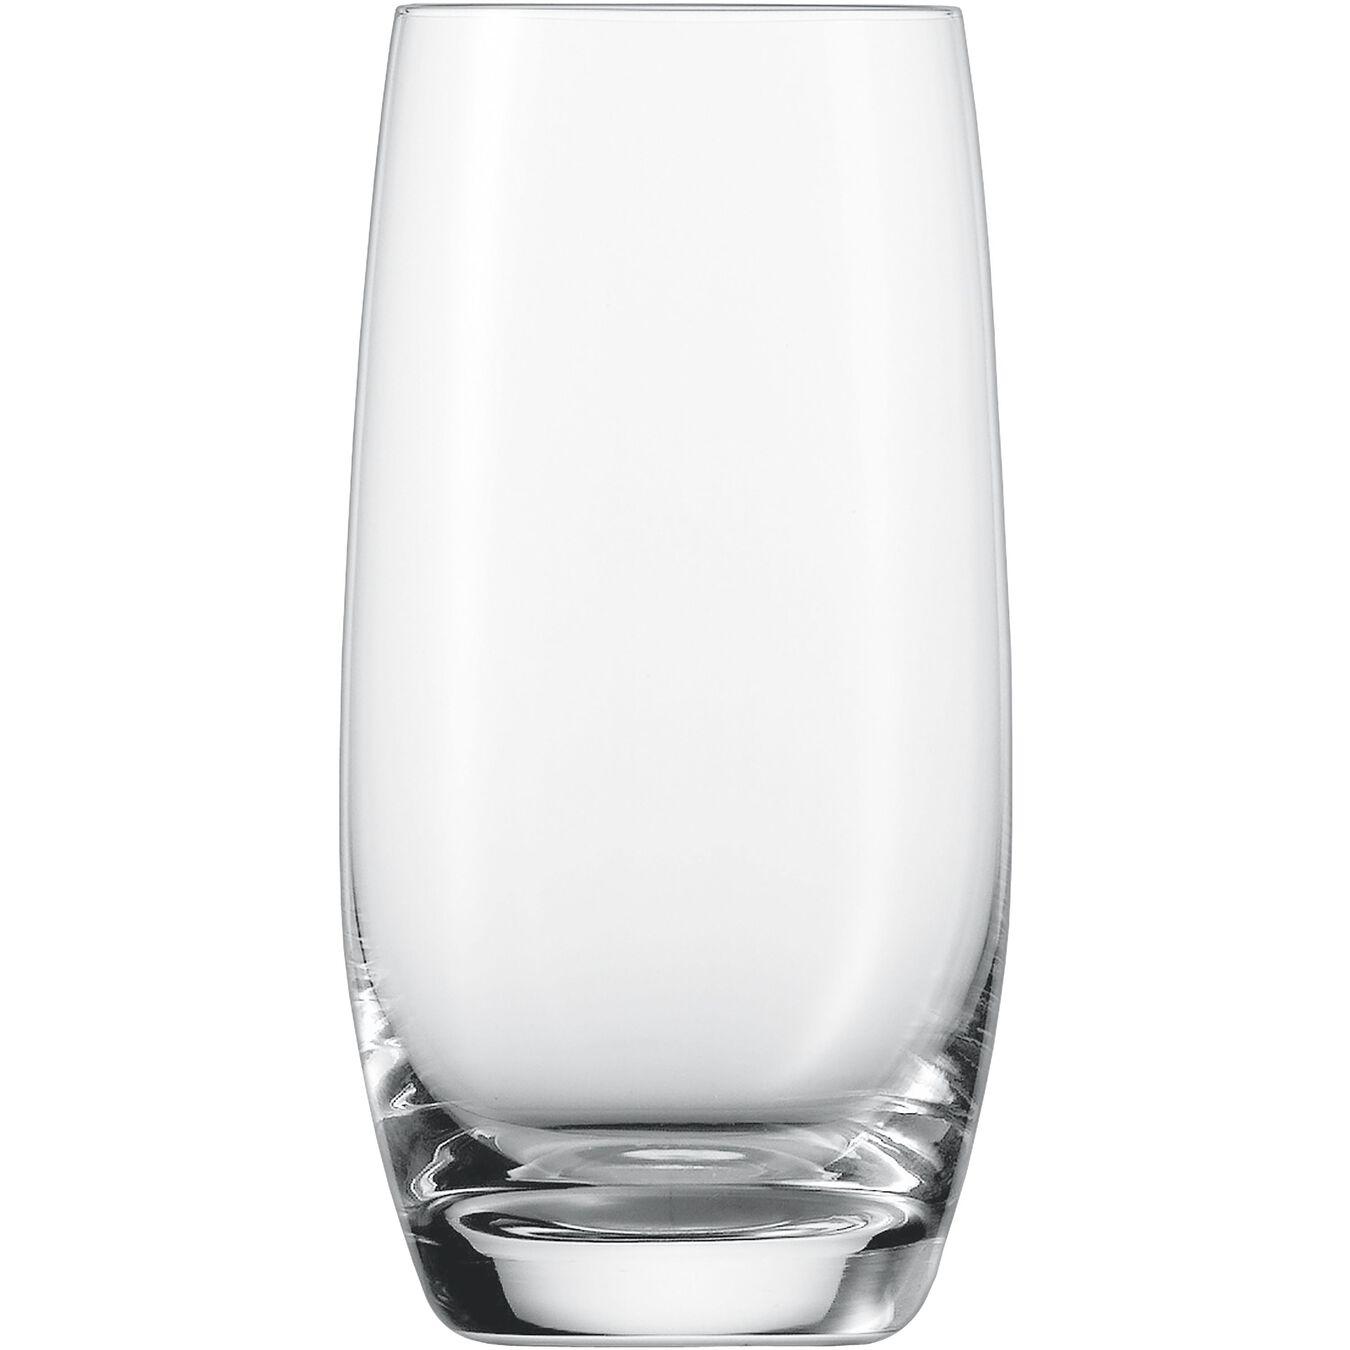 Bira Bardağı | 430 ml,,large 1